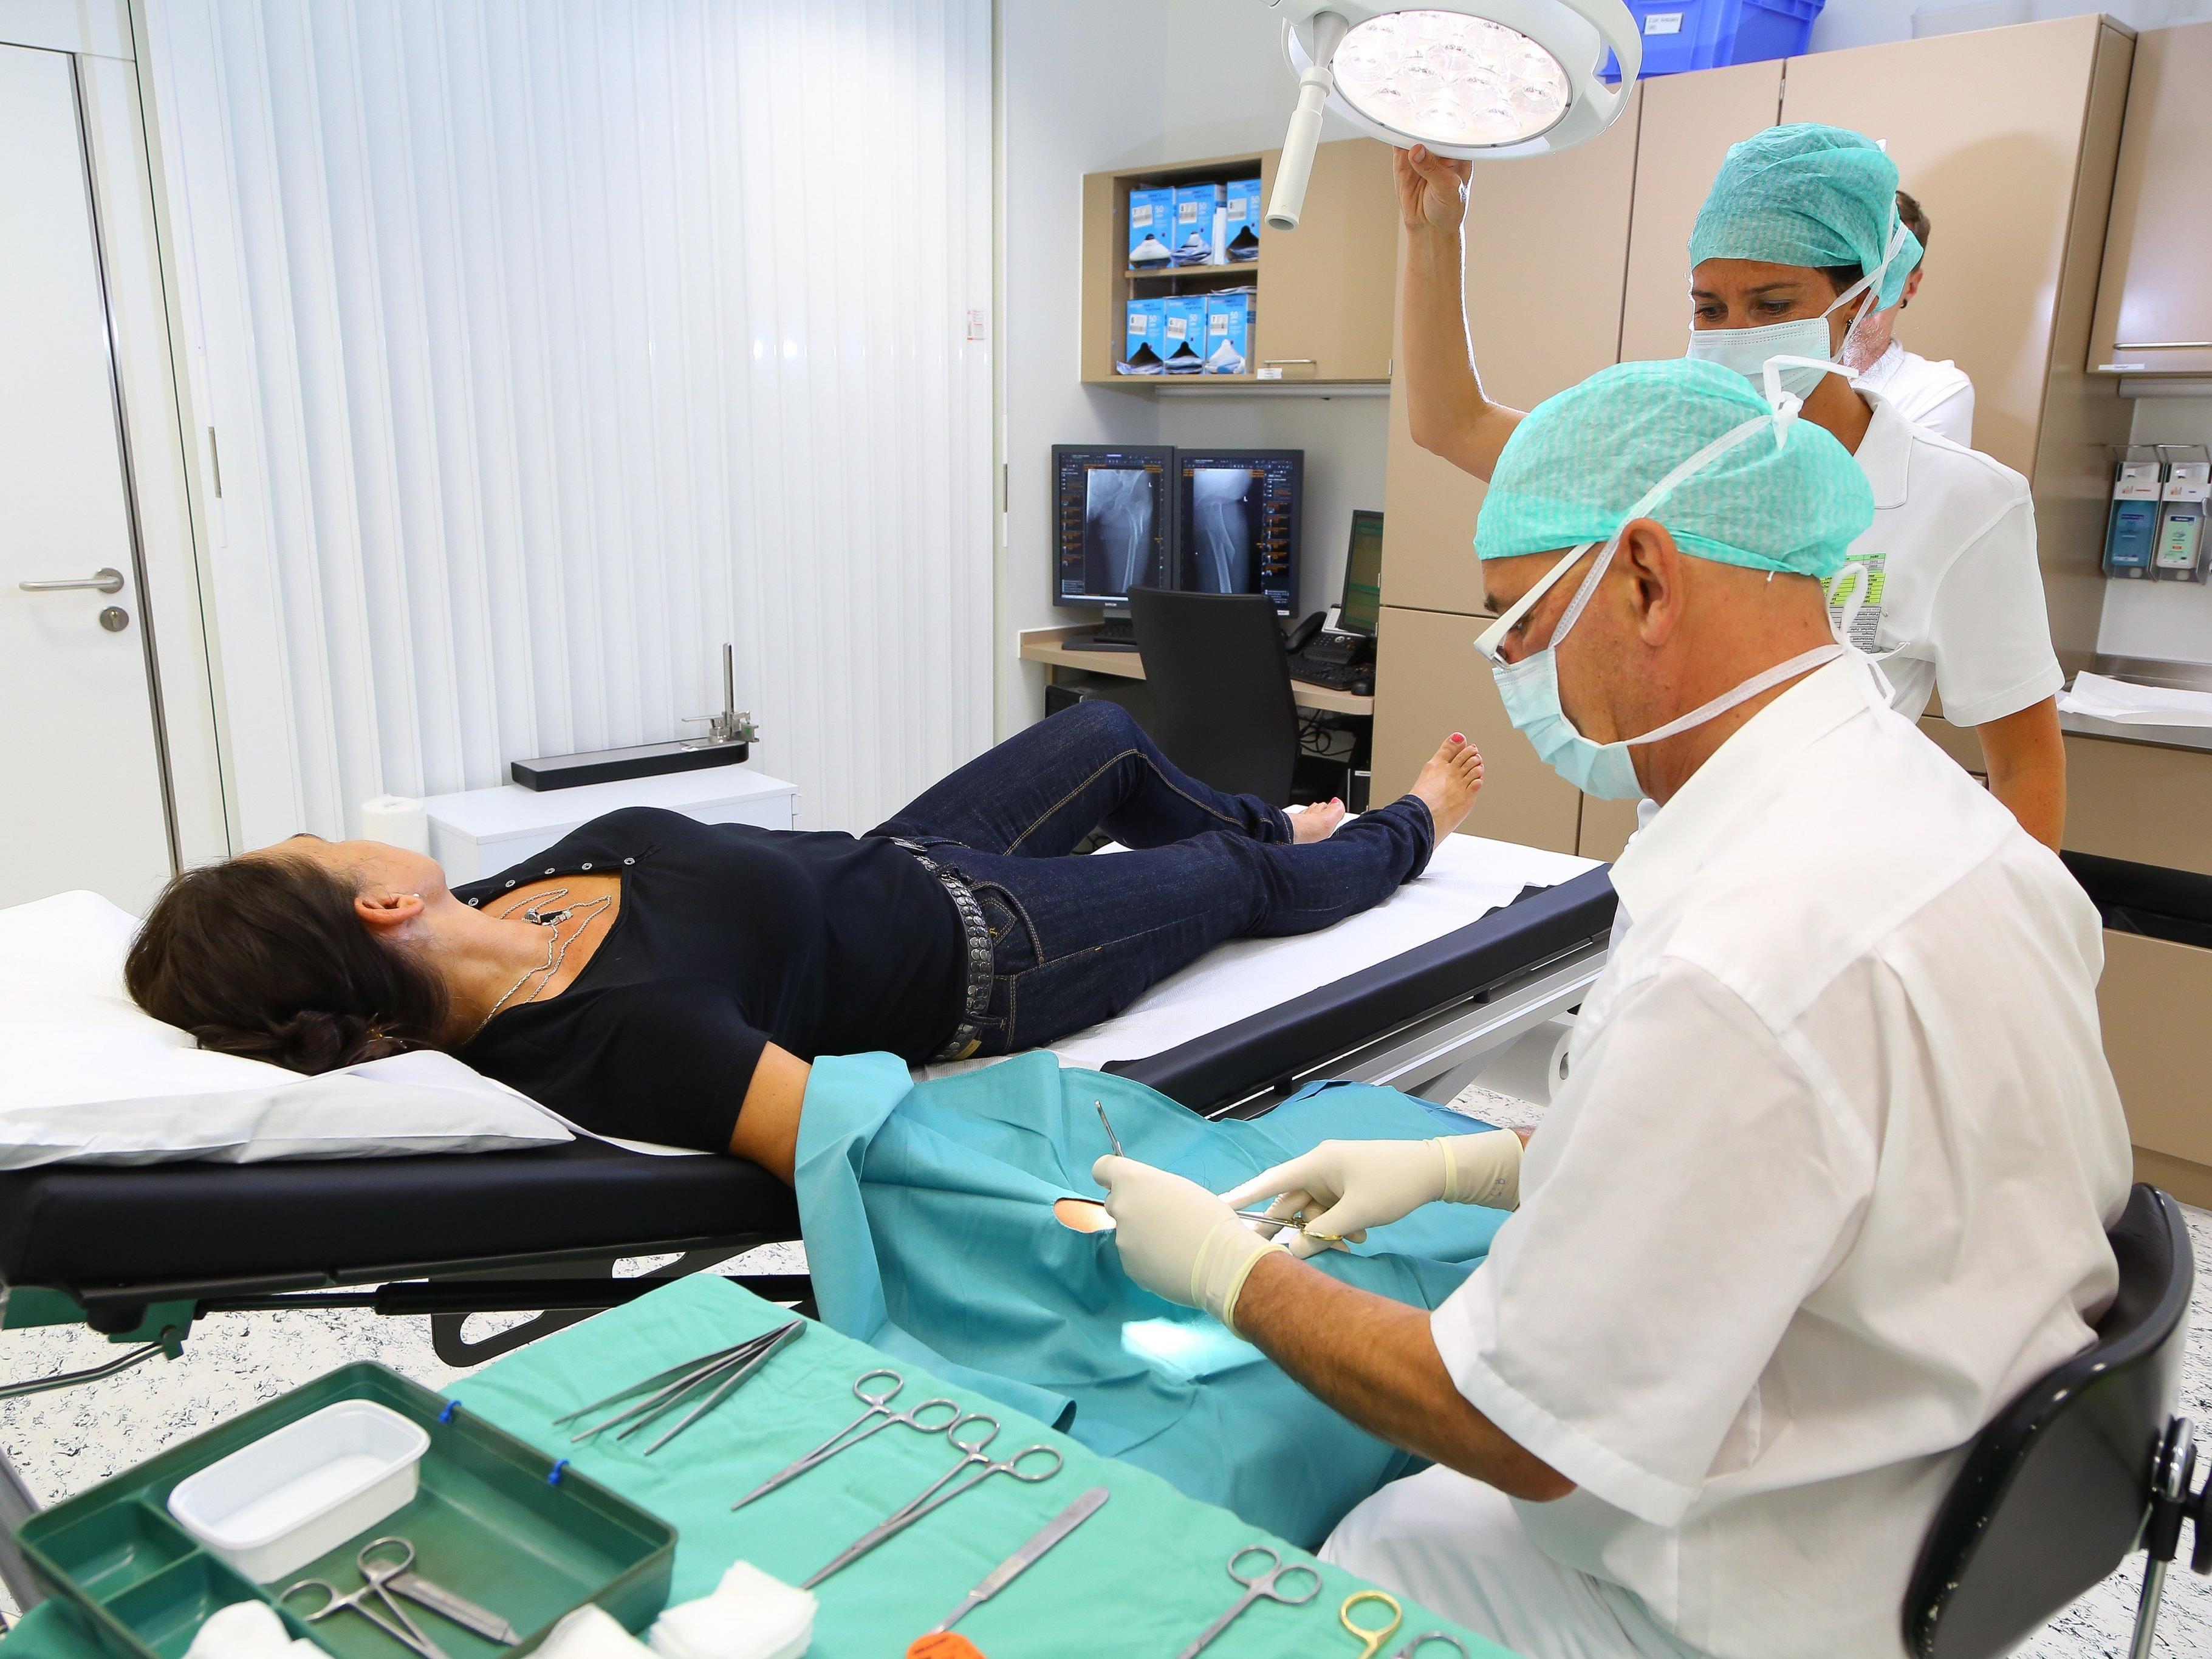 Ärzte und Pfleger in Ambulanzen haben alle Hände voll zu tun.